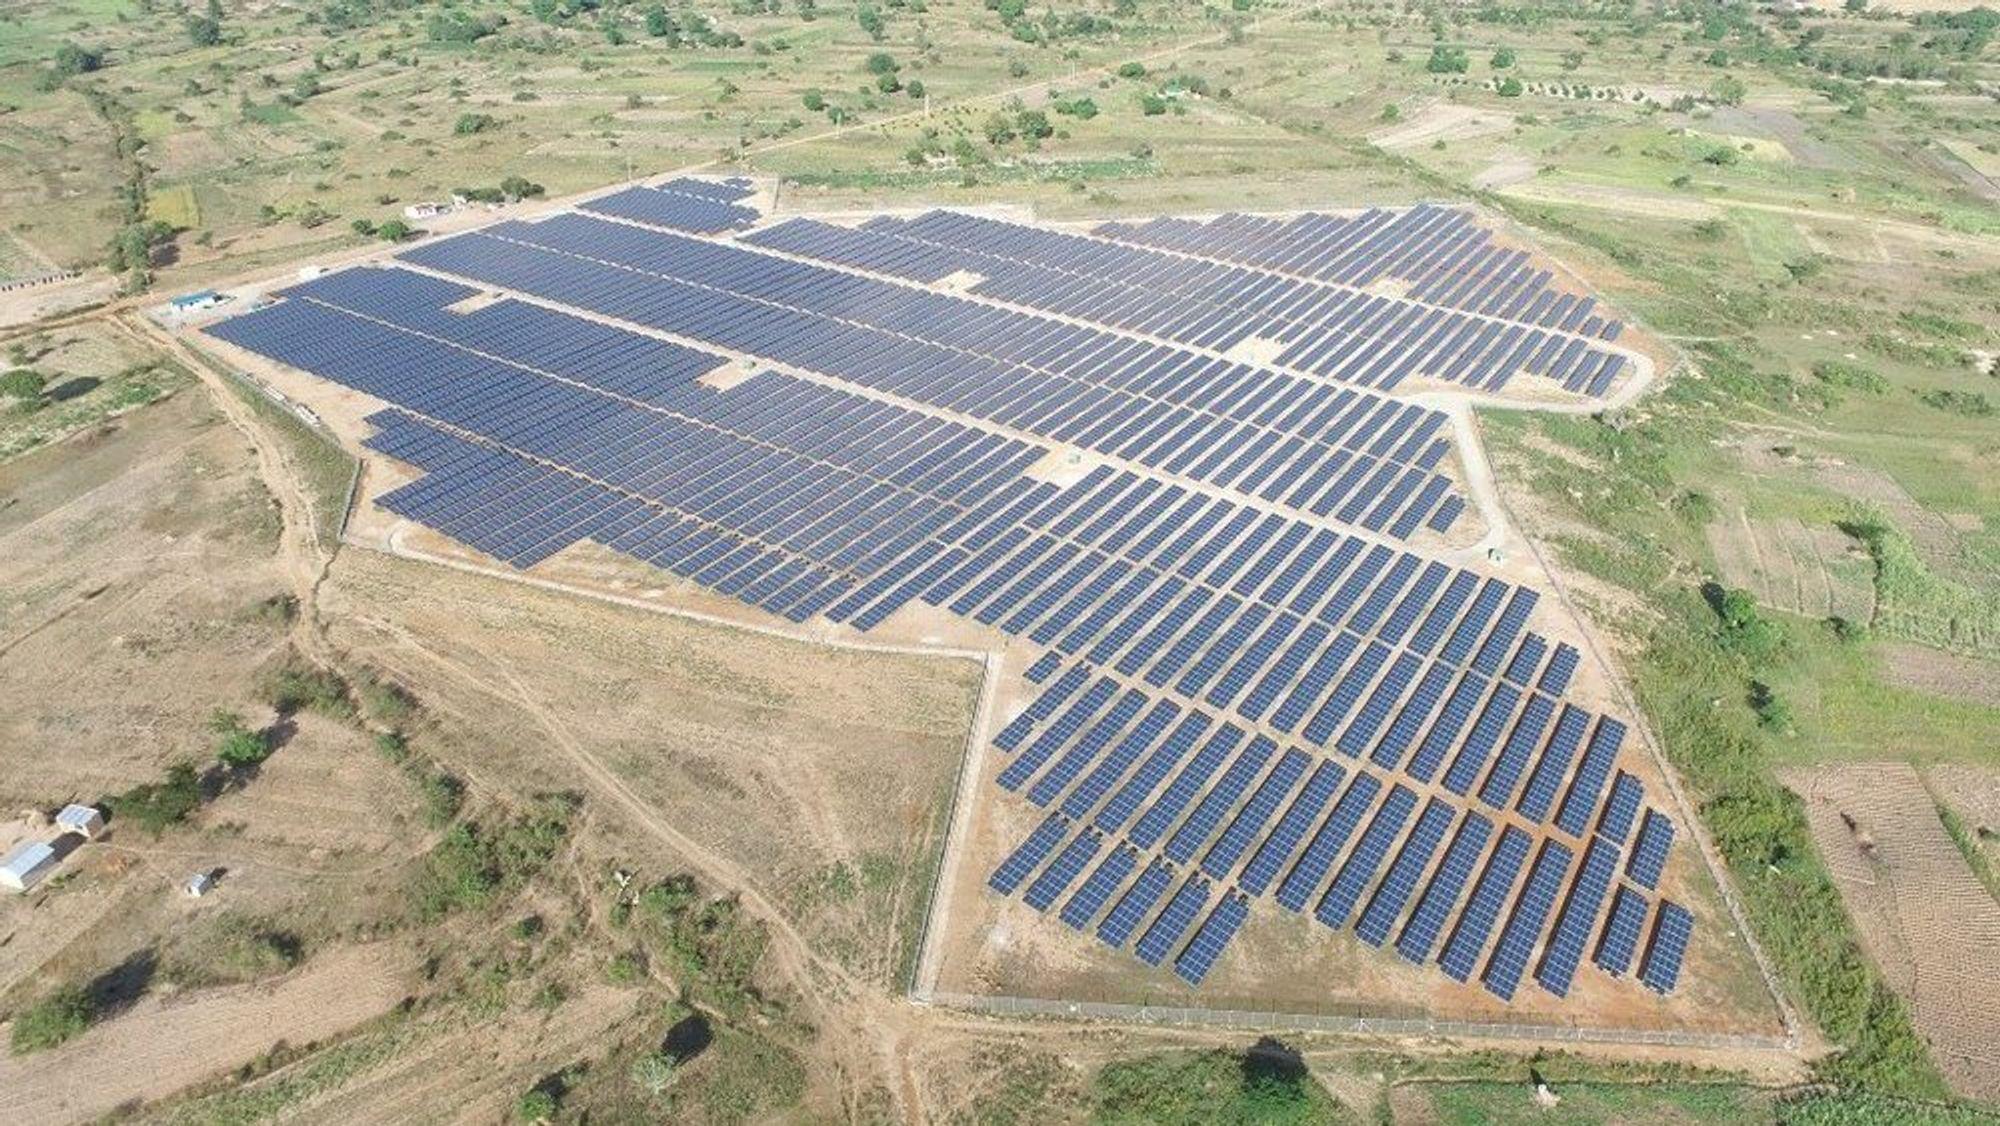 Bildet viser Soroti Solar Power Station - et 10 megawatts prosjekt utviklet under GET FiT Uganda.